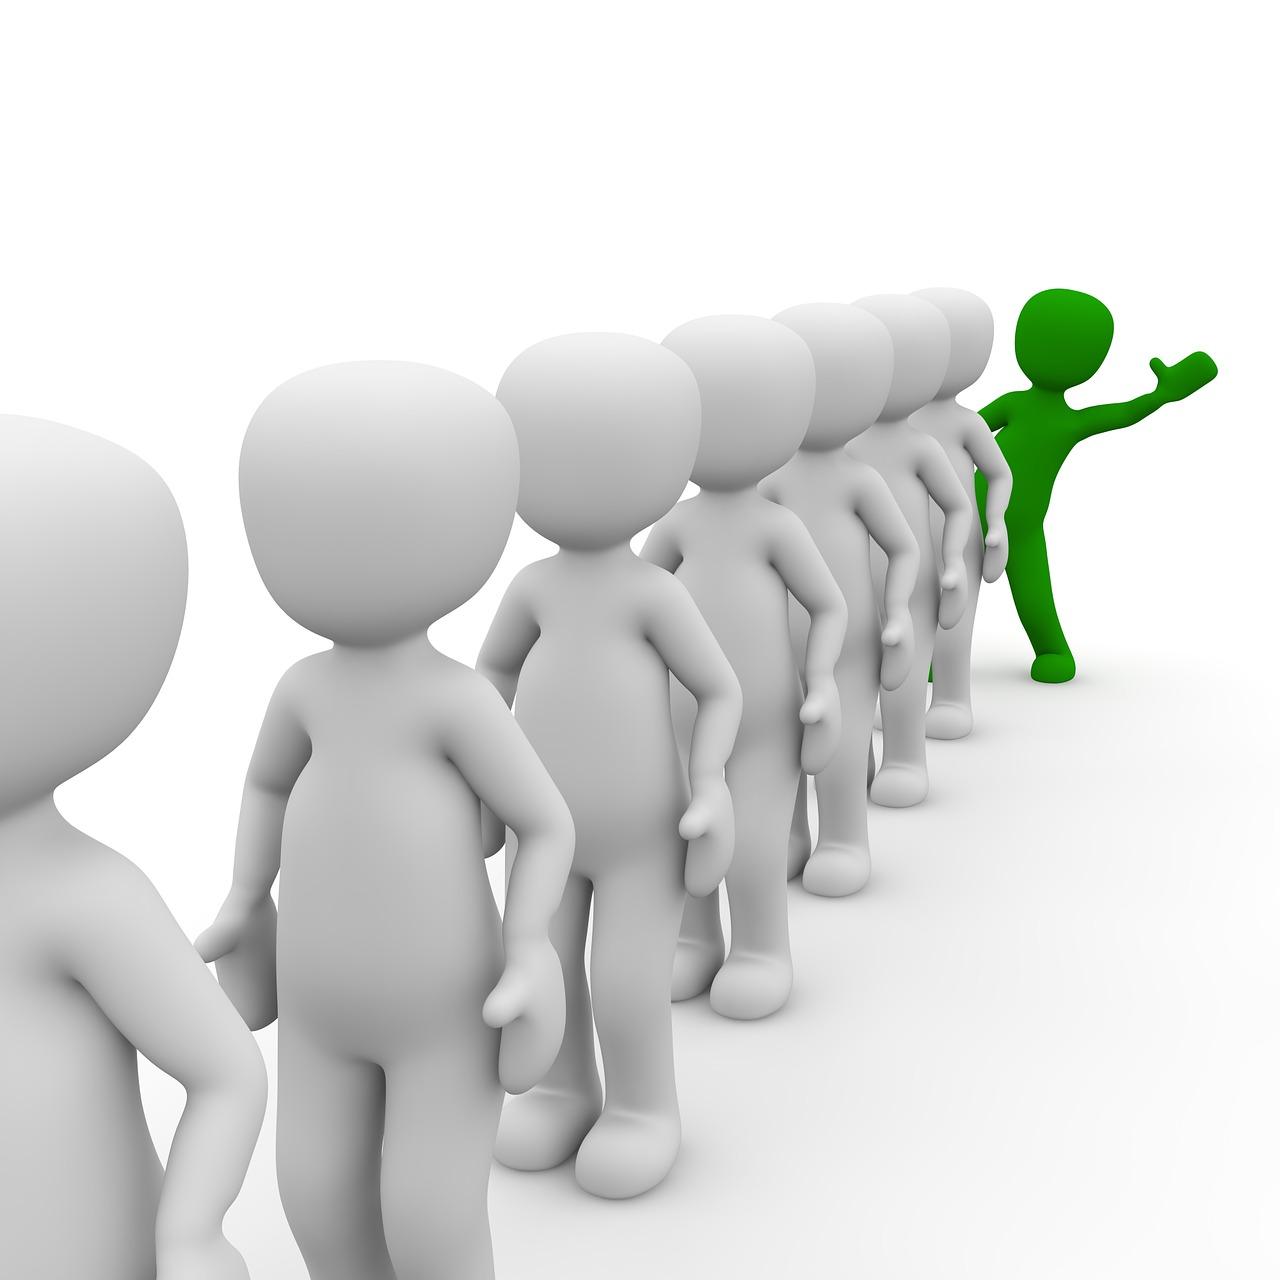 Waar let je op bij het kiezen van de juiste arbodienst?